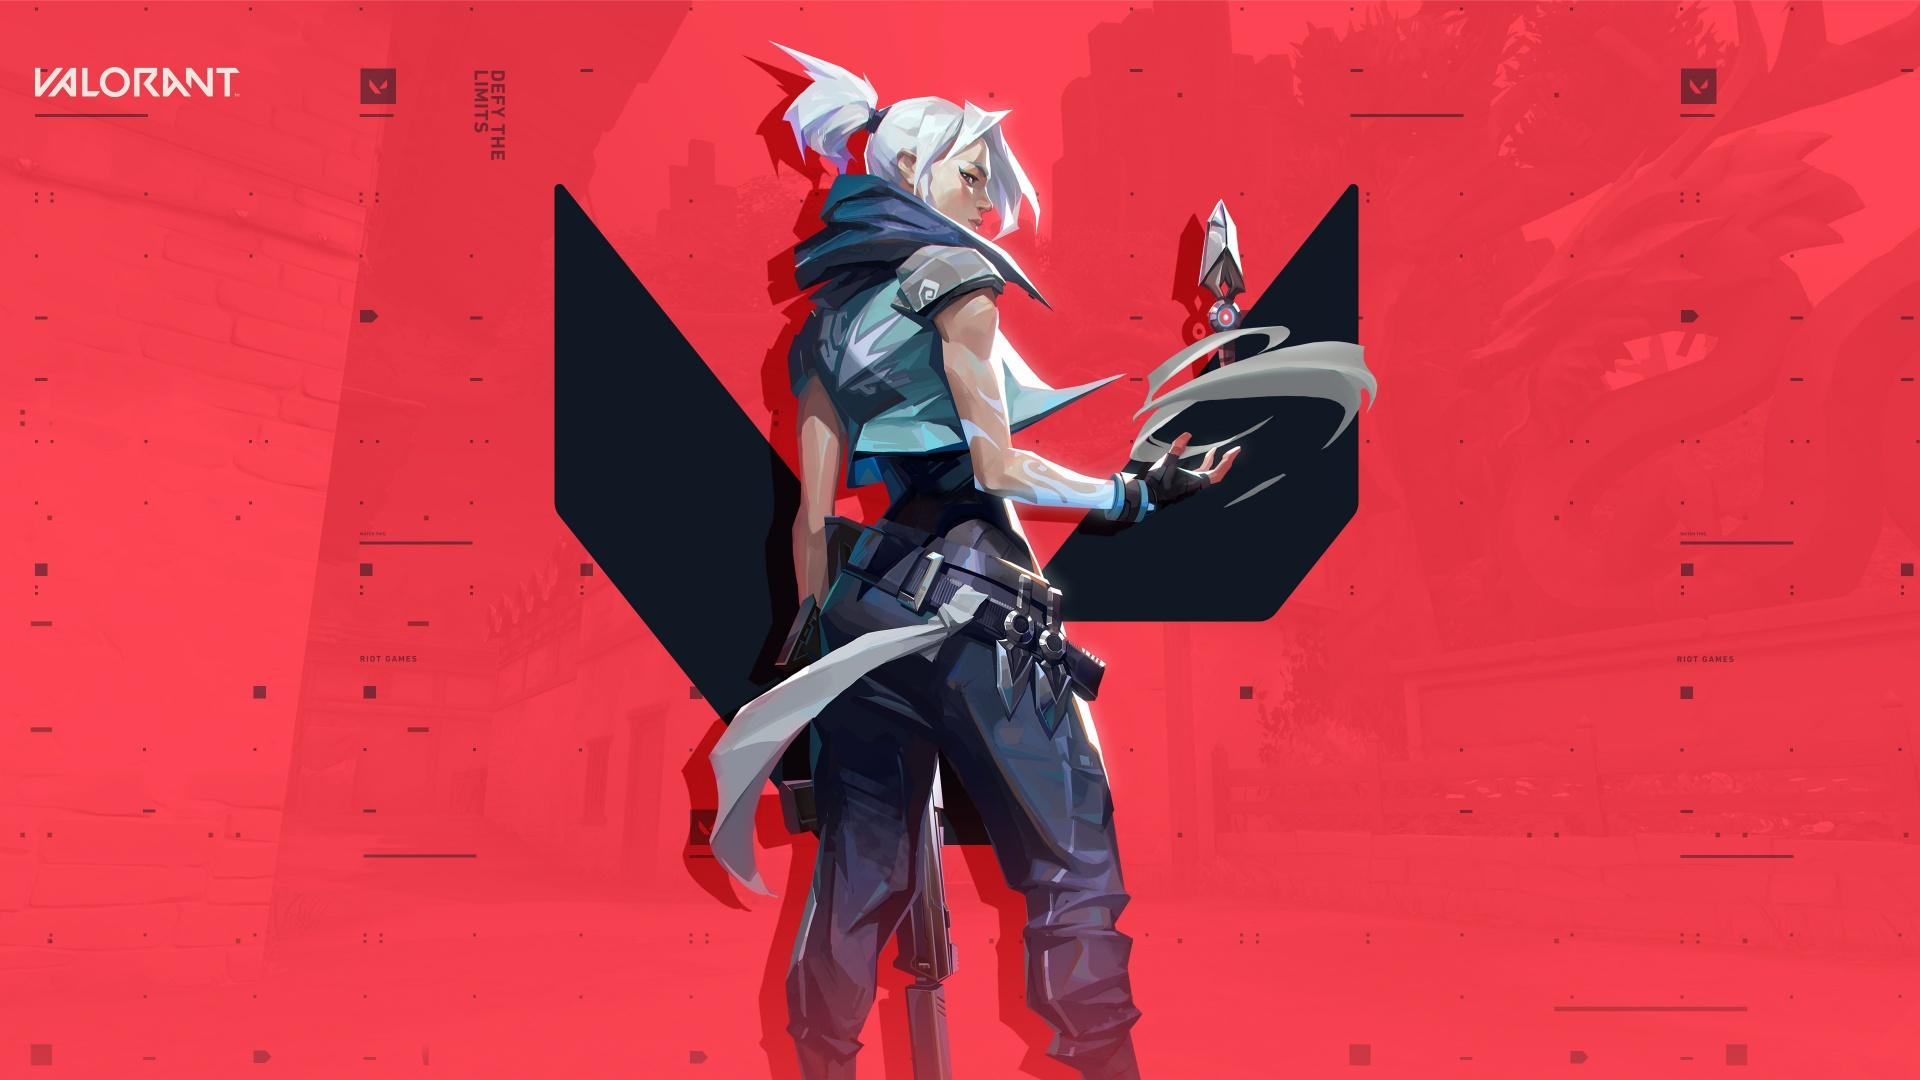 В сеть слили название шутера от авторов League of Legends и скриншот с персонажем